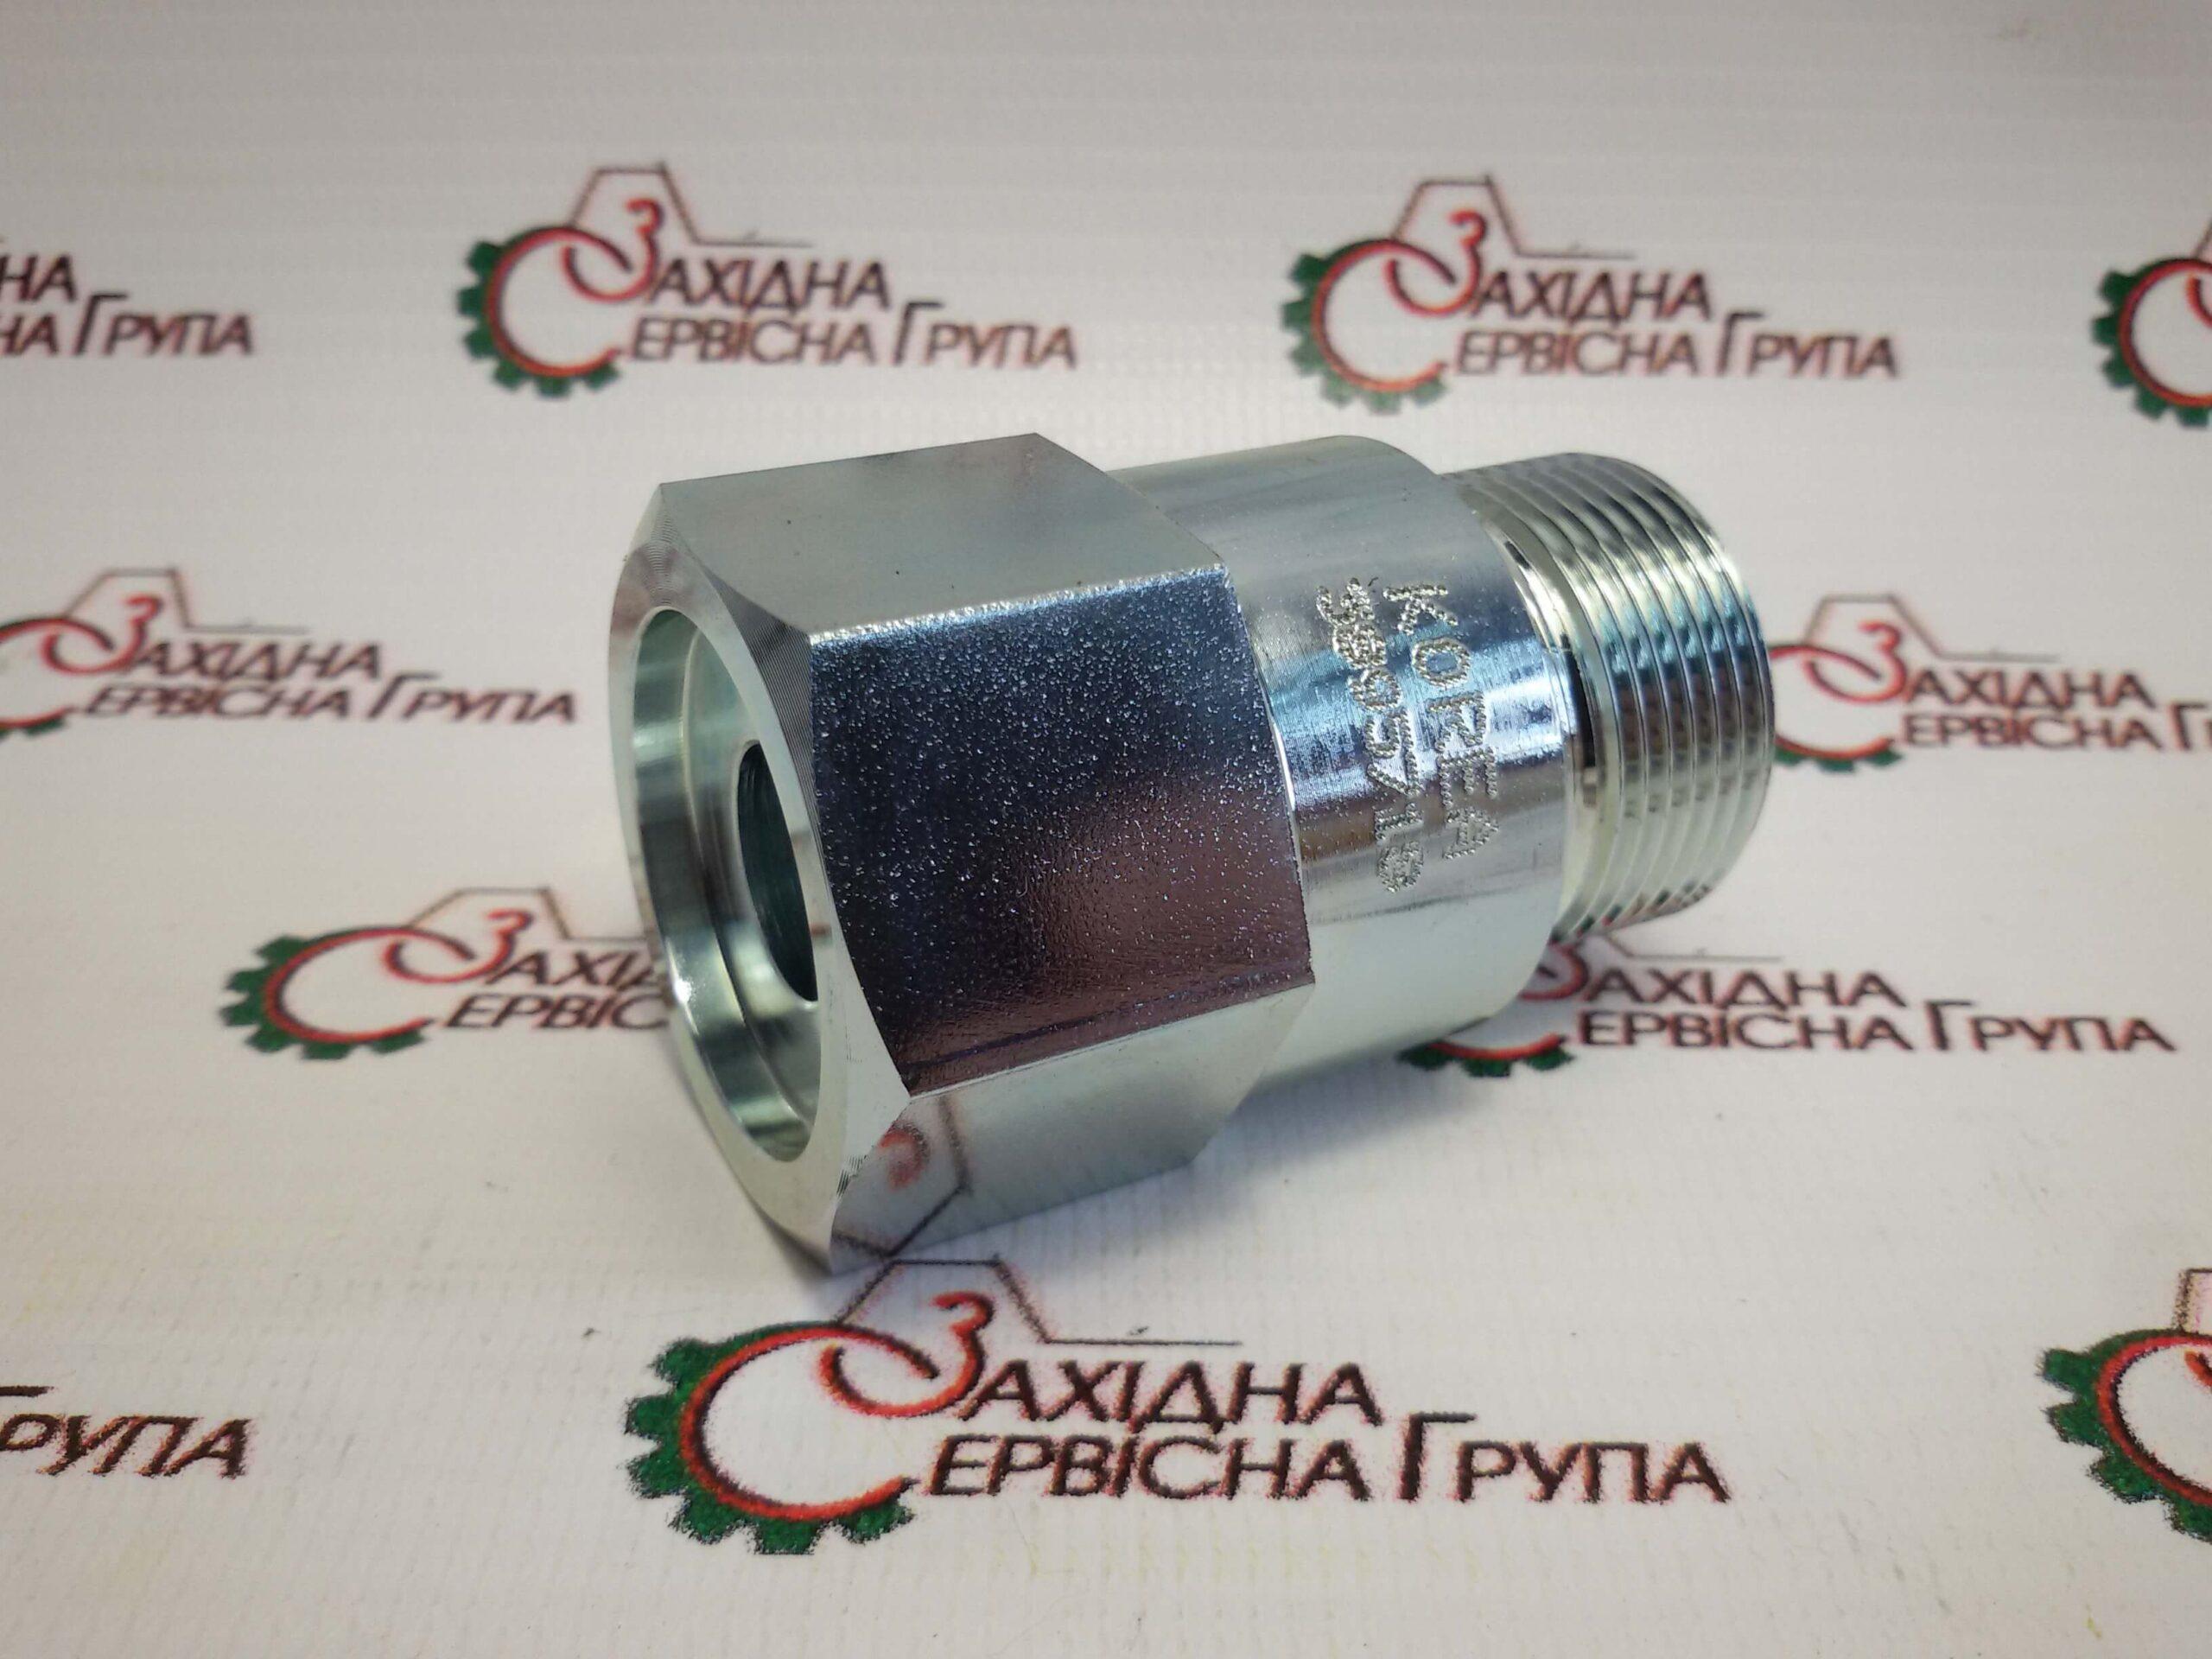 Фіксатор клапана регулятора тиску масла Cummins M11, ІСМ11, QSM11, L10, NT855, N14, 3895718.